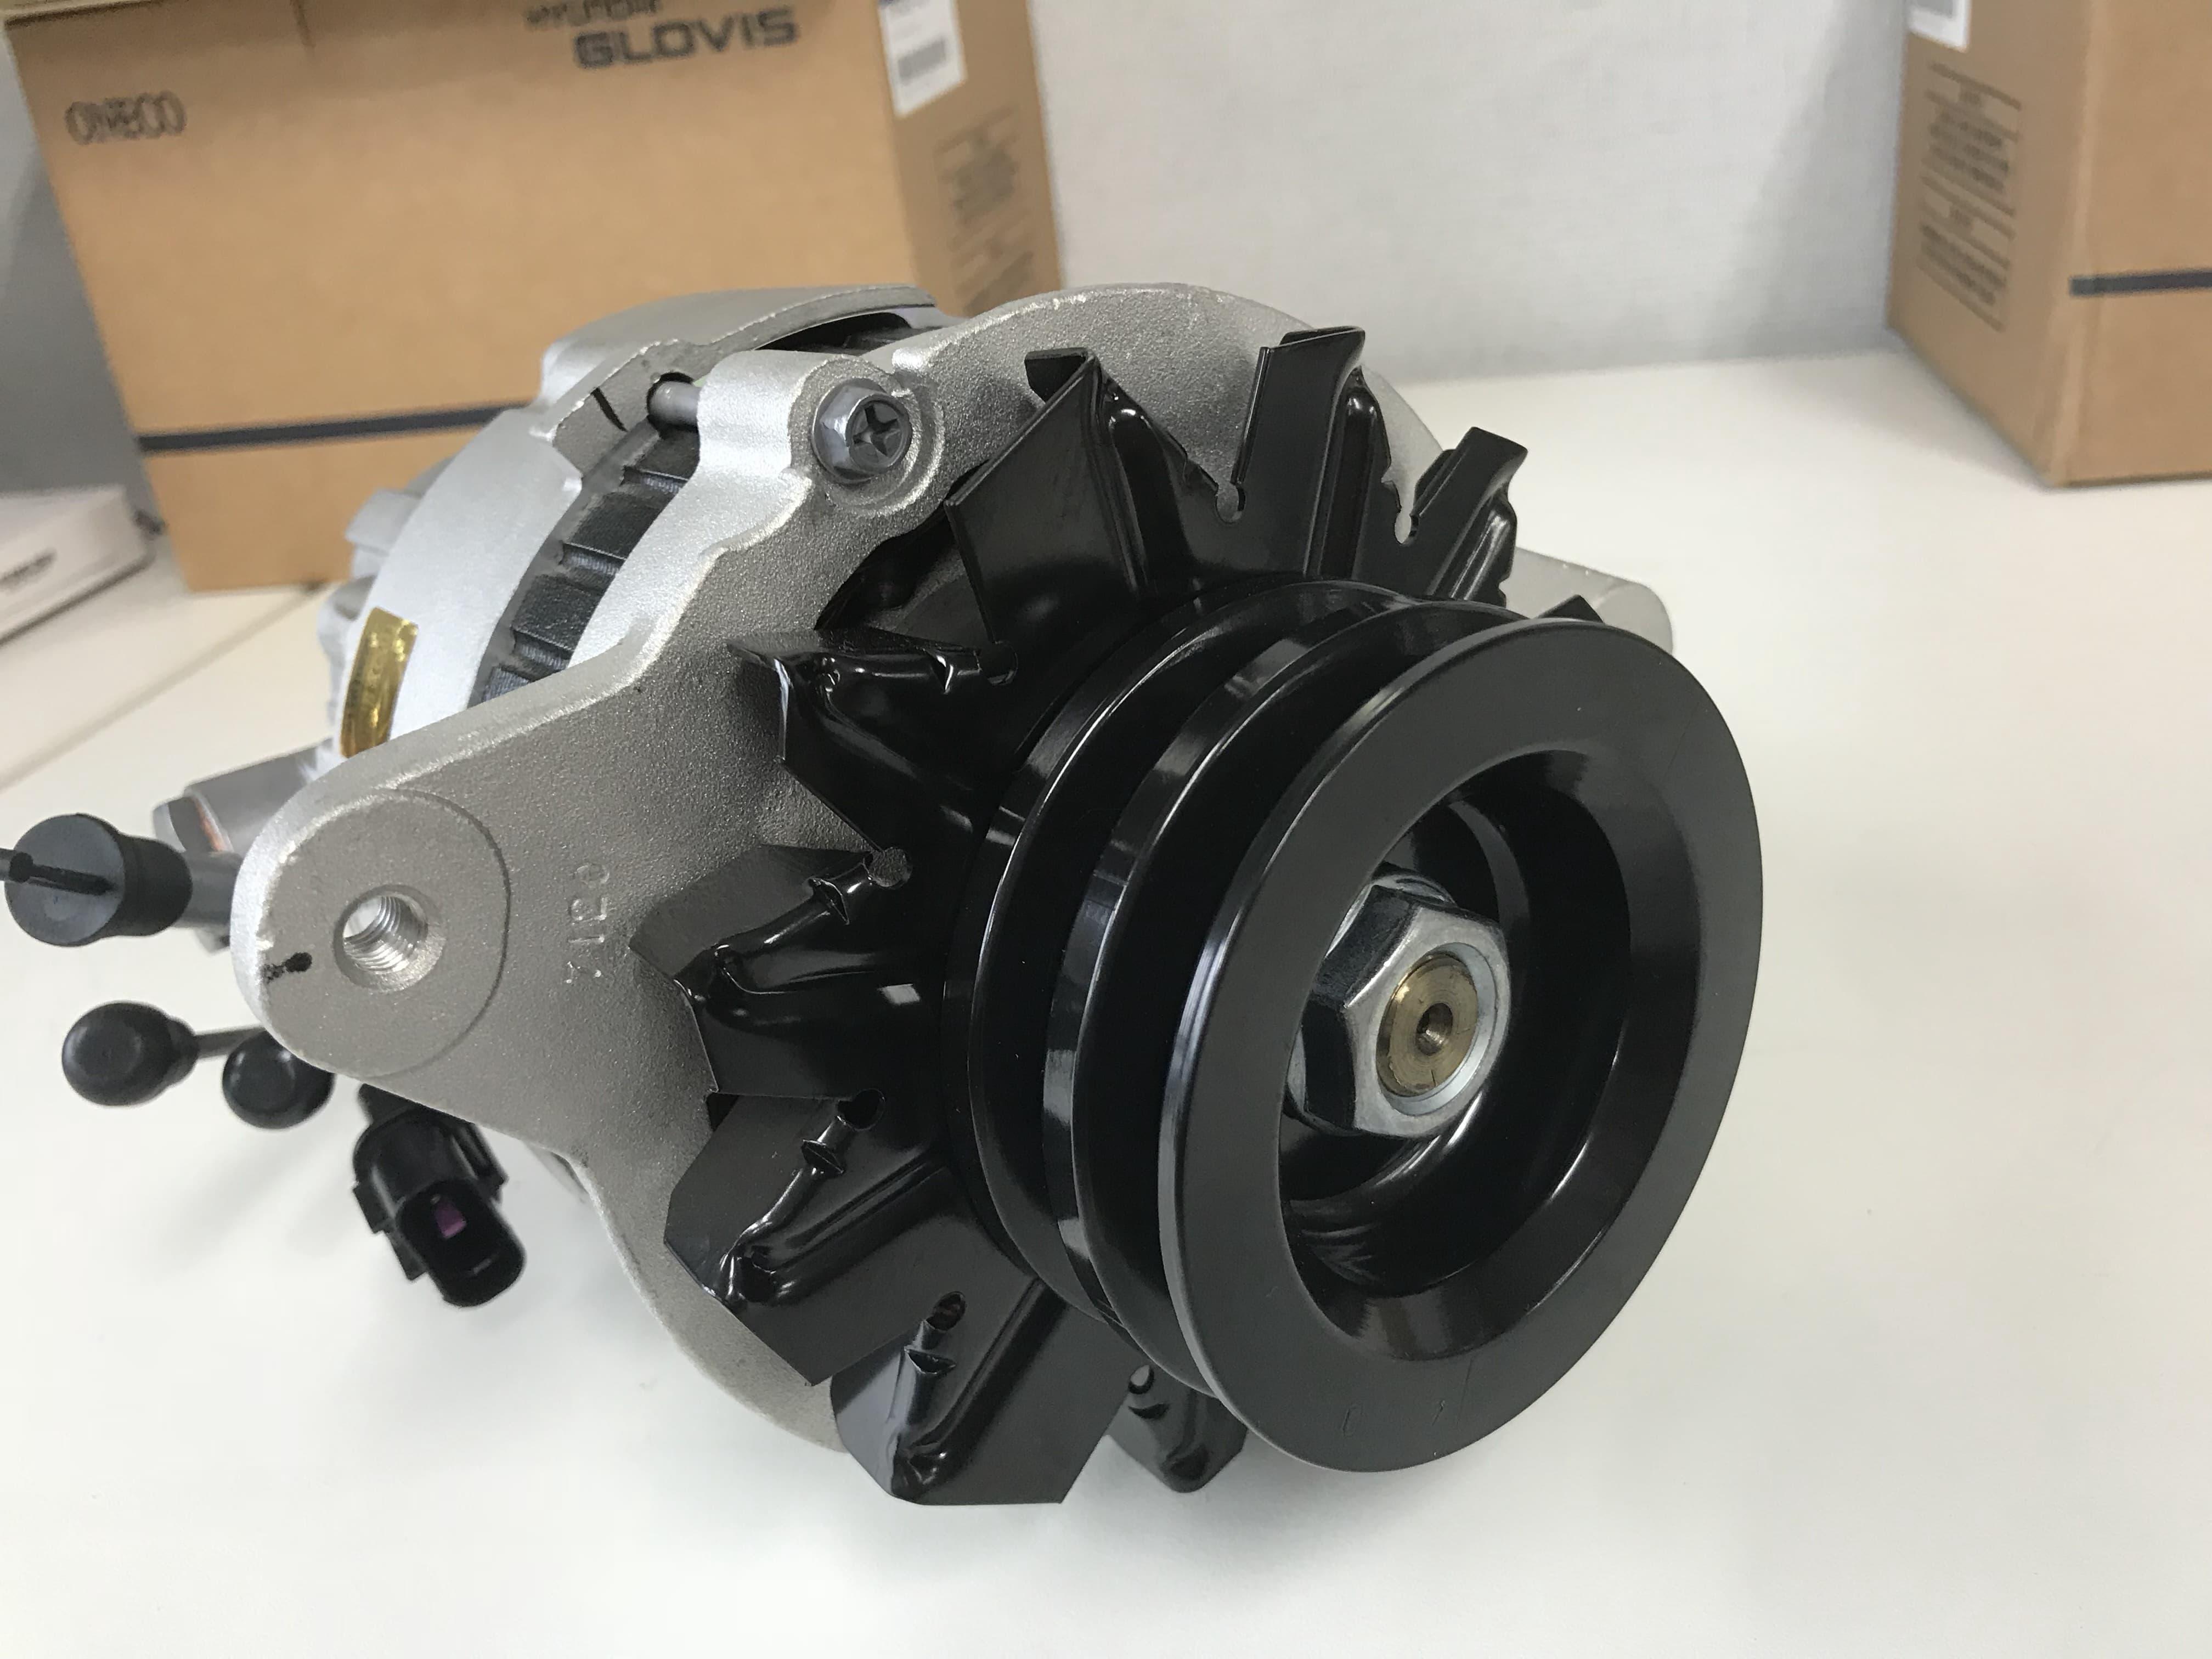 Re-manufactured Alternator of Hyundai Glovis